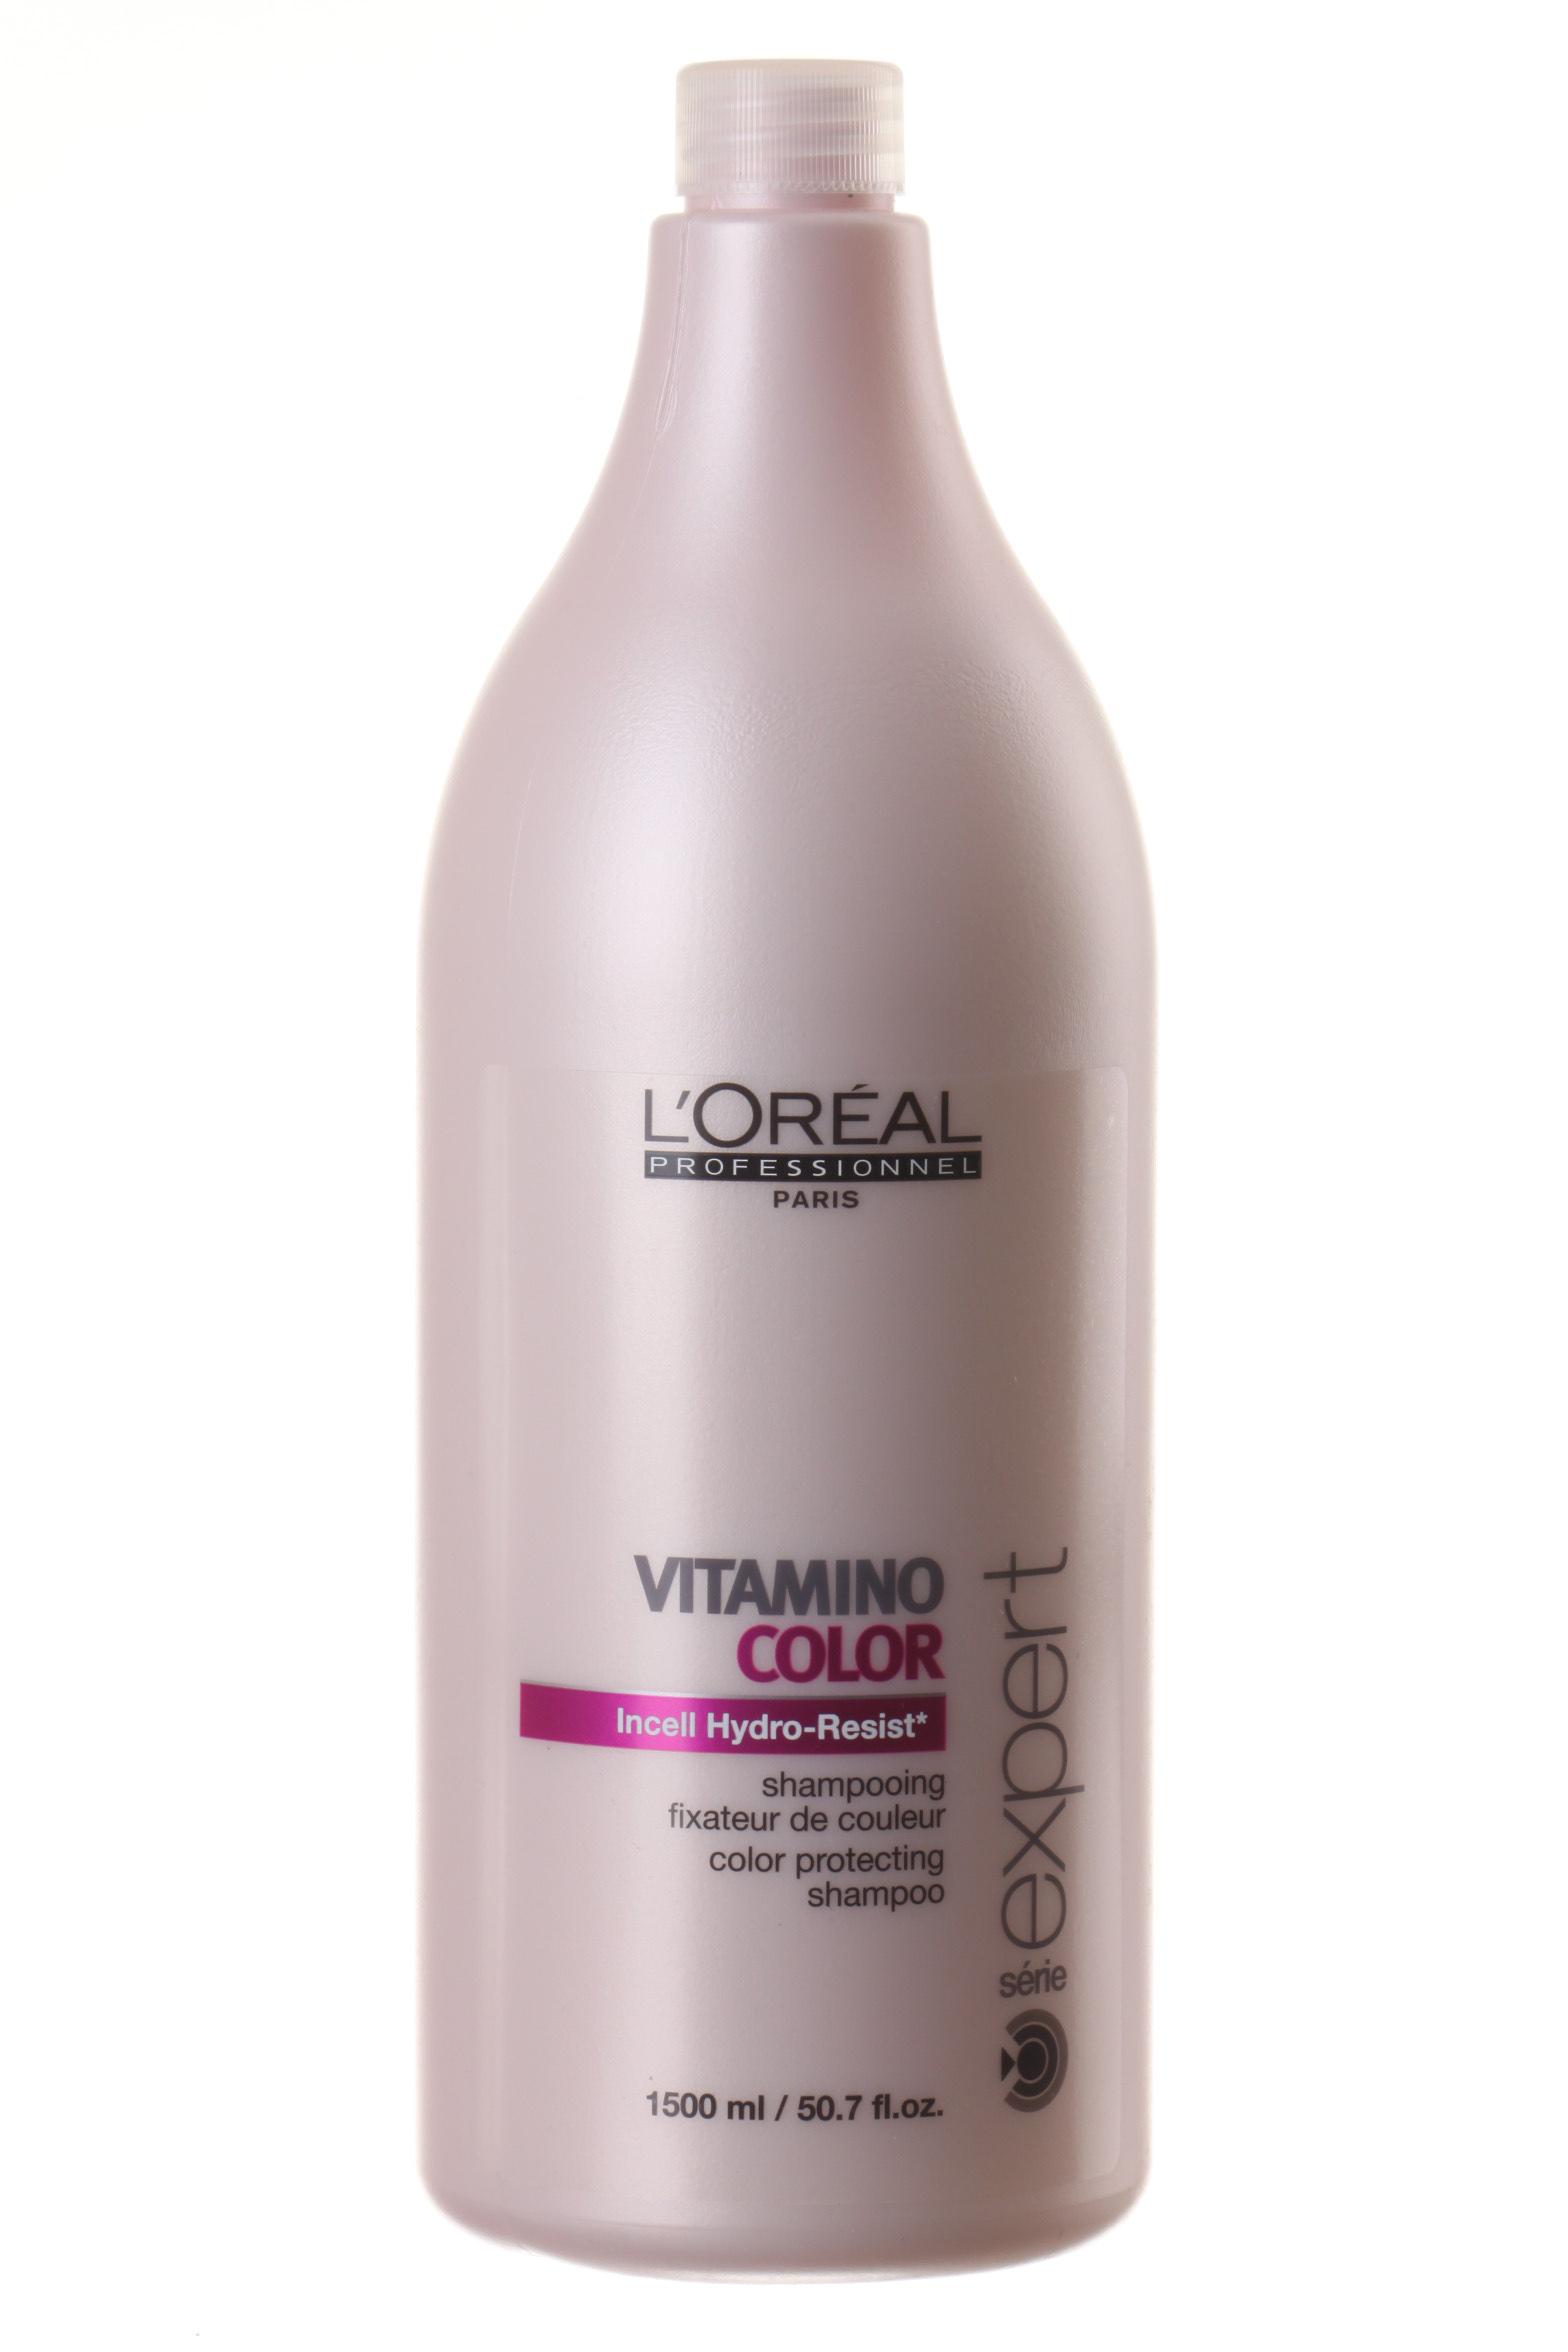 L'oreal Professionnel Serie Expert Vitamino Color Shampoo 50.7 1500 ml   eBay